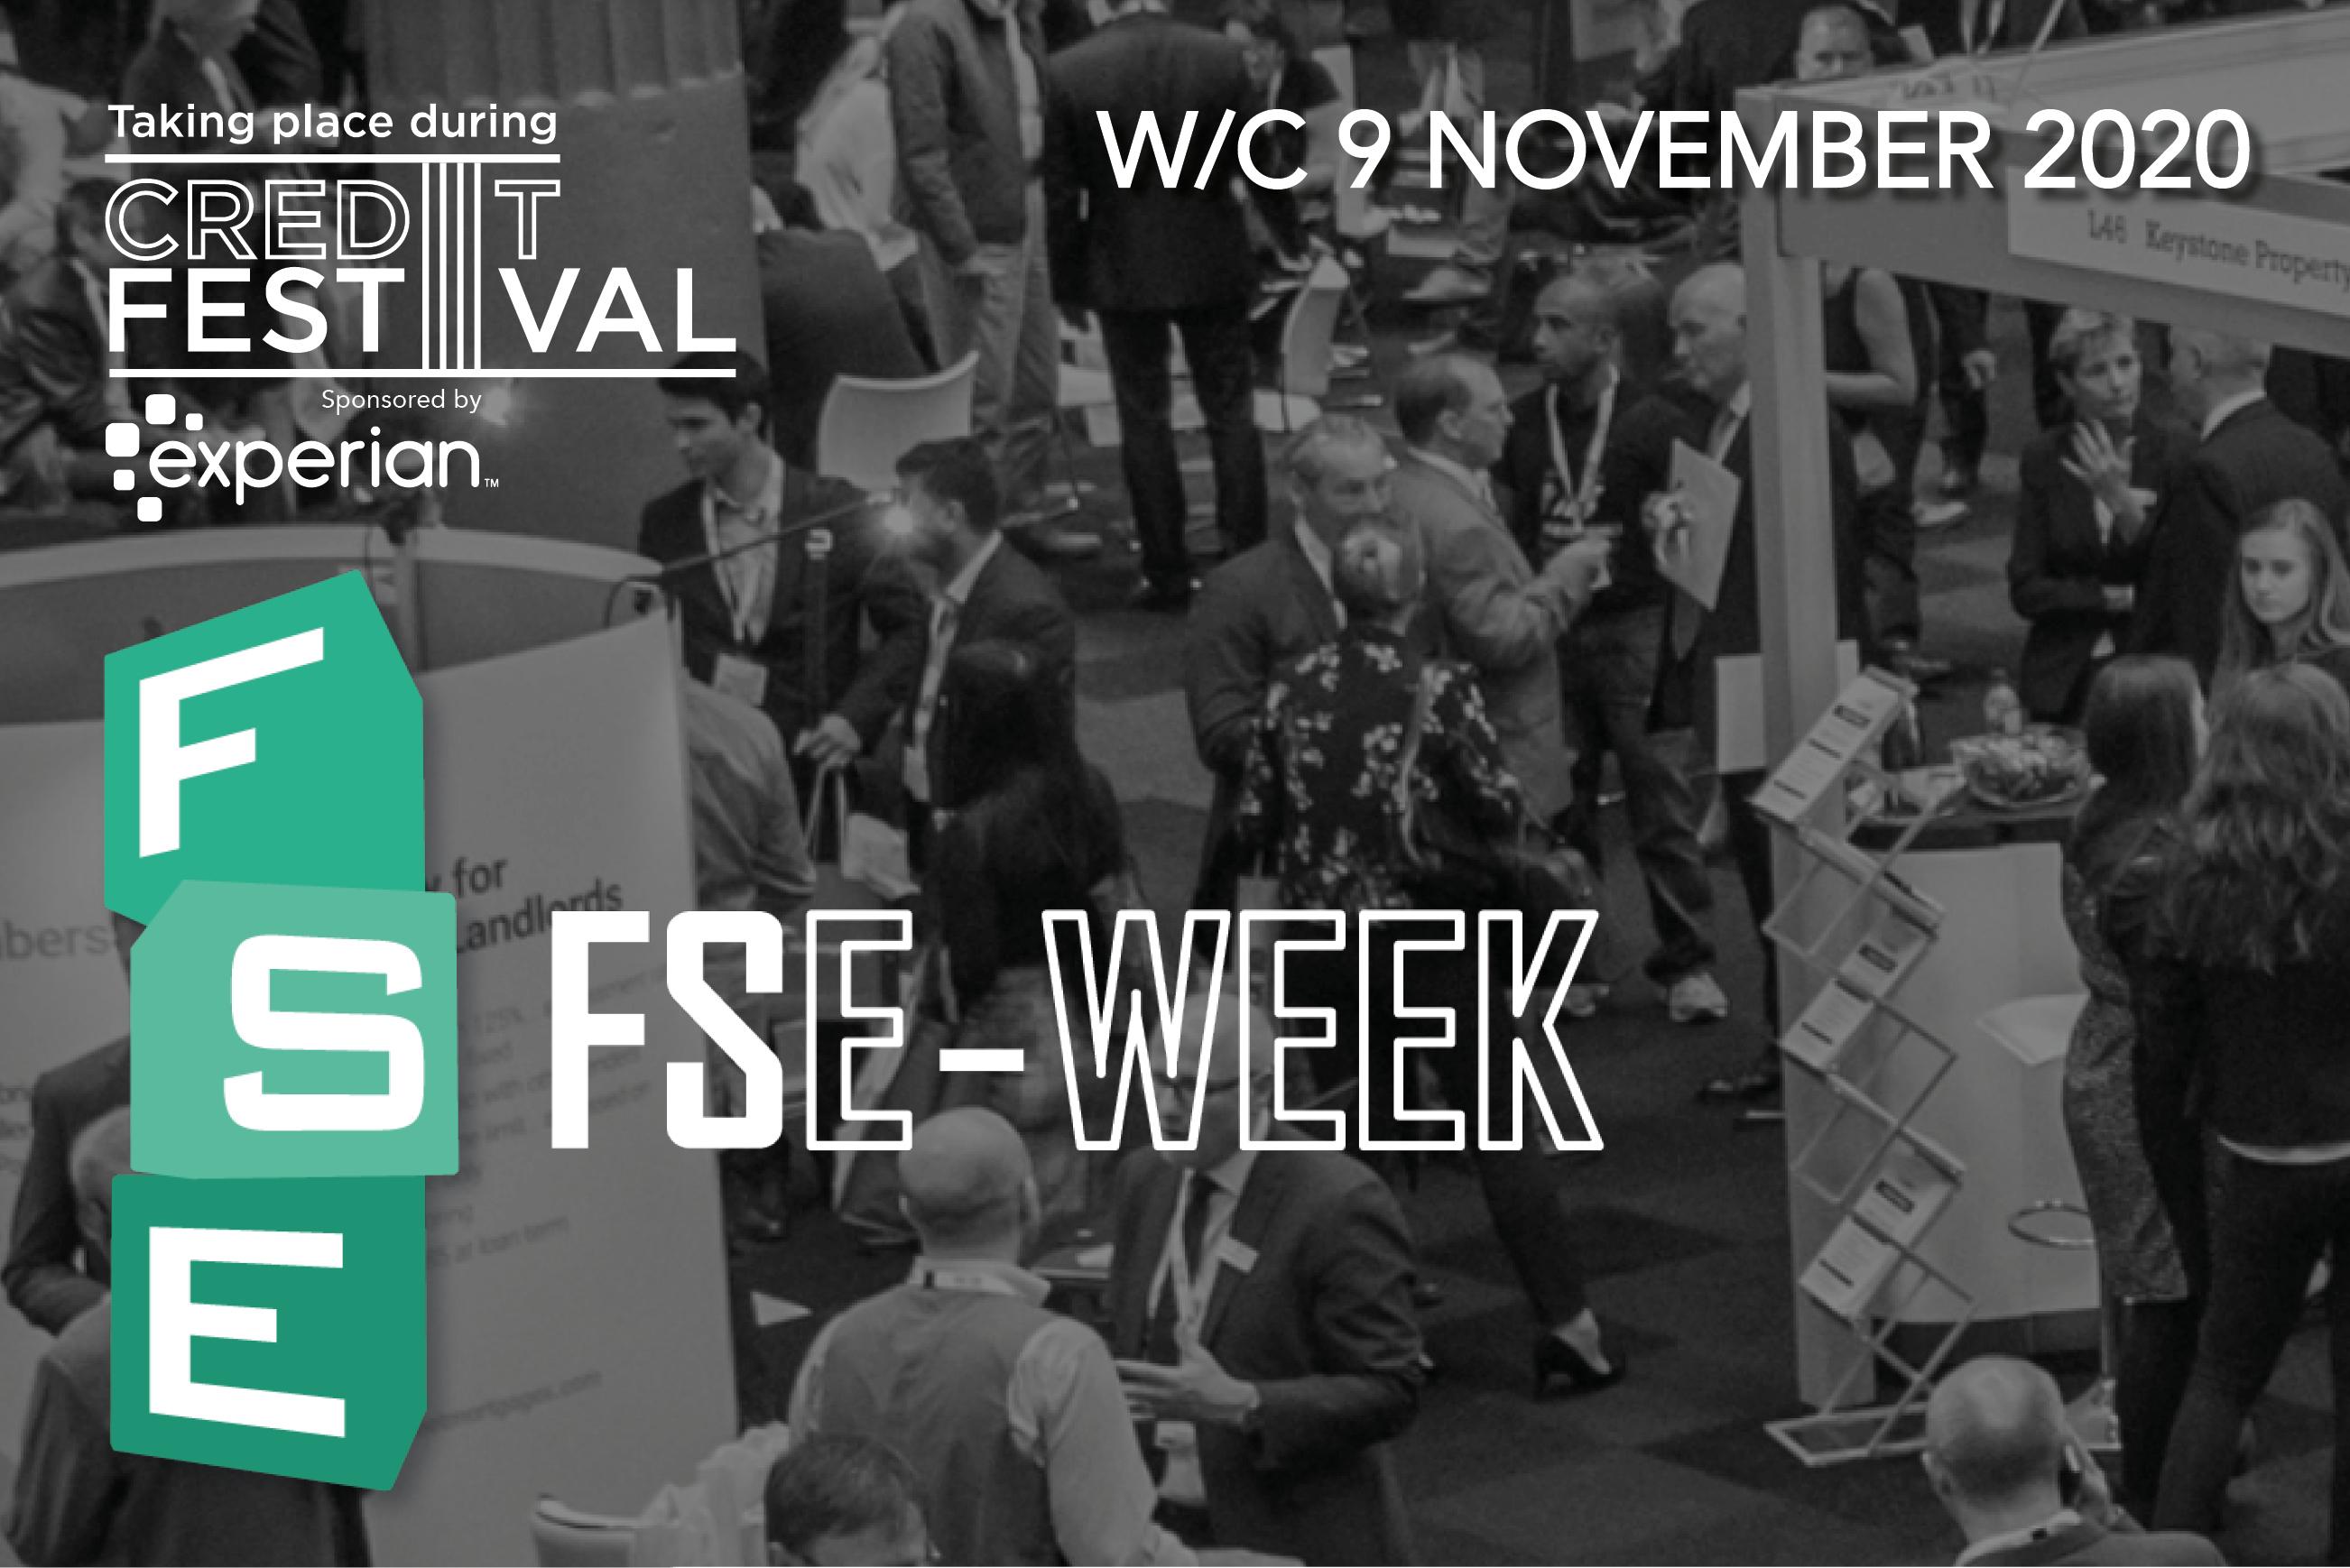 FSE - Week